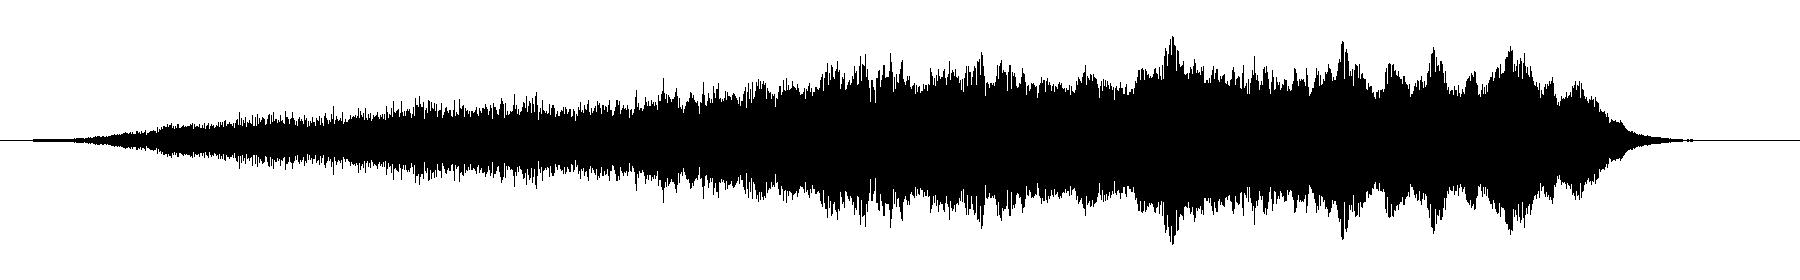 str glissoct 09 xc